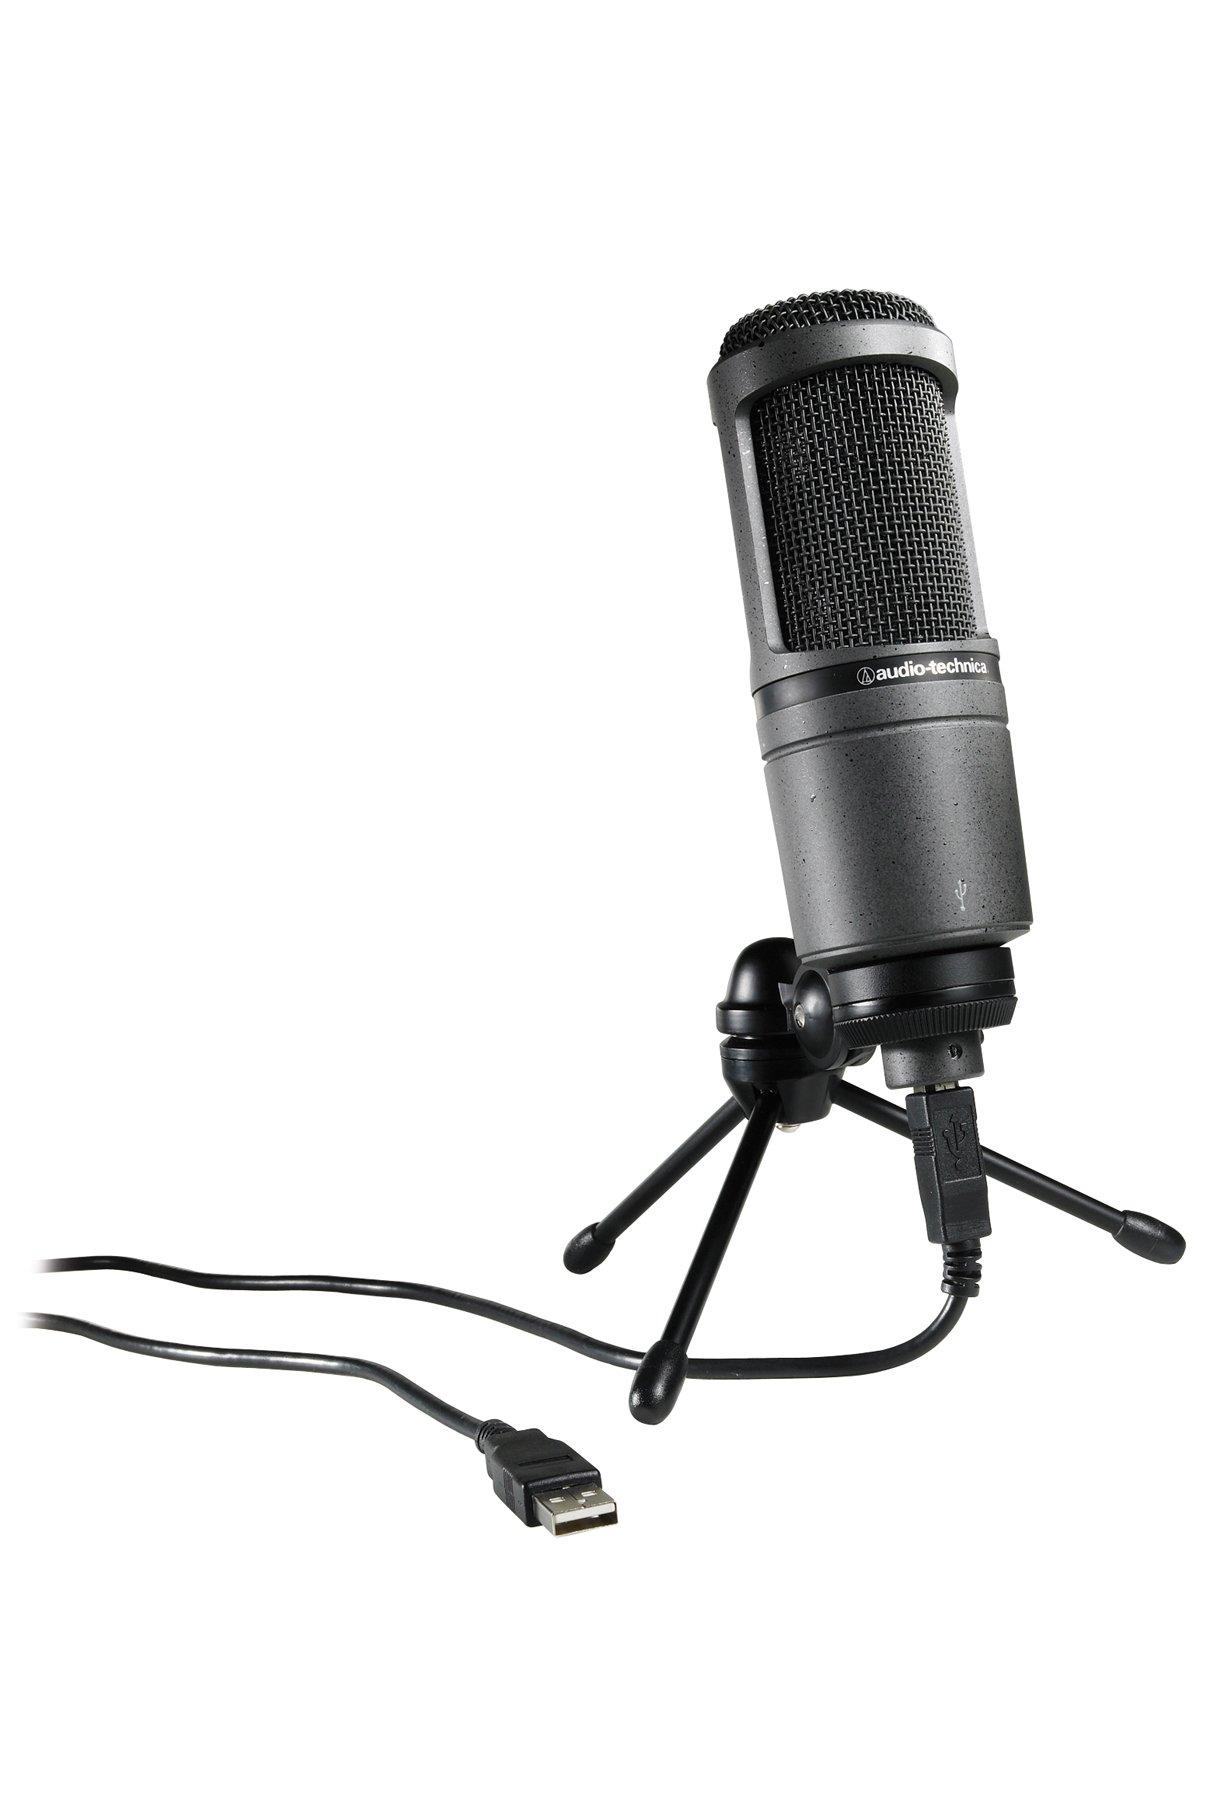 Microfono Audio-technica At2020usb Cardioid Condenser Usb..